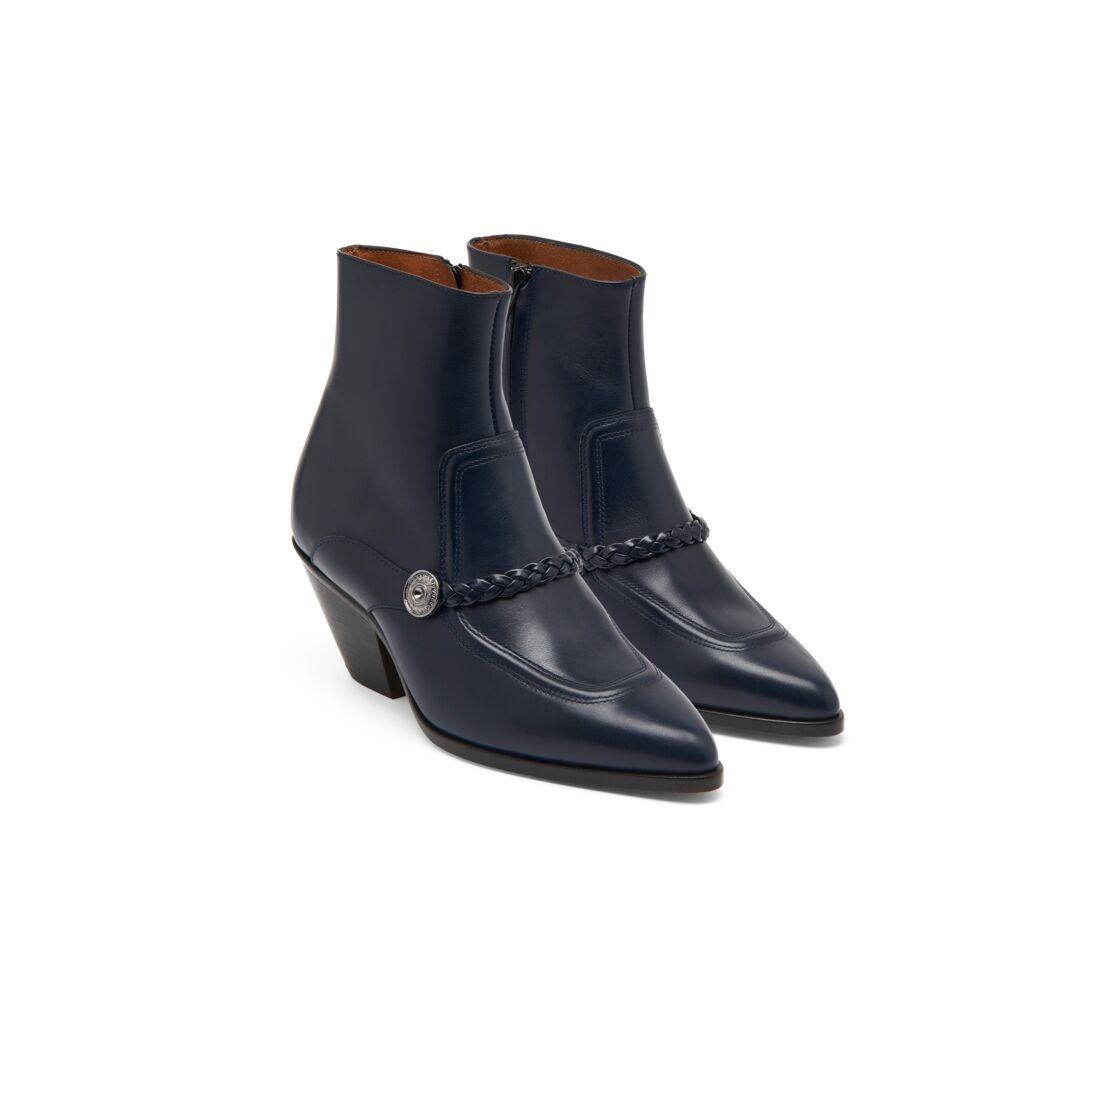 Les boots rock de la collection Clara Luciani & Sandro